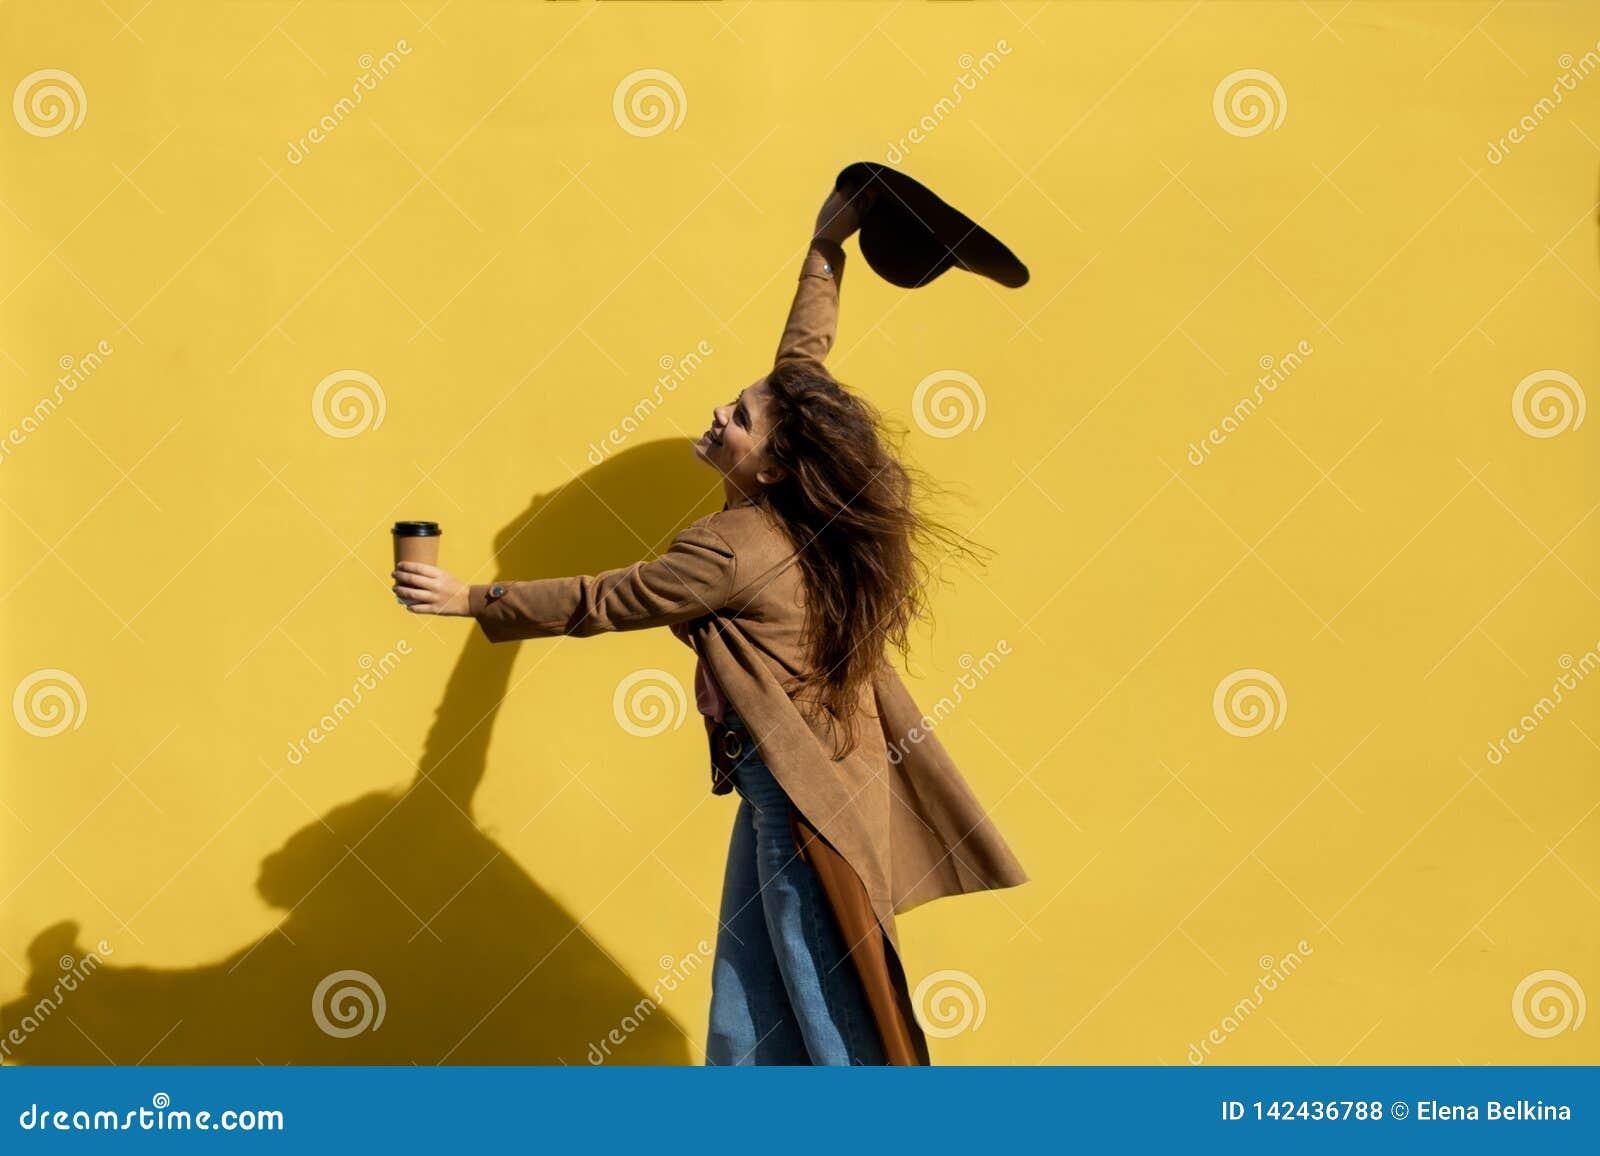 Flicka med en kopp kaffe på en solig dag nära den gula väggen